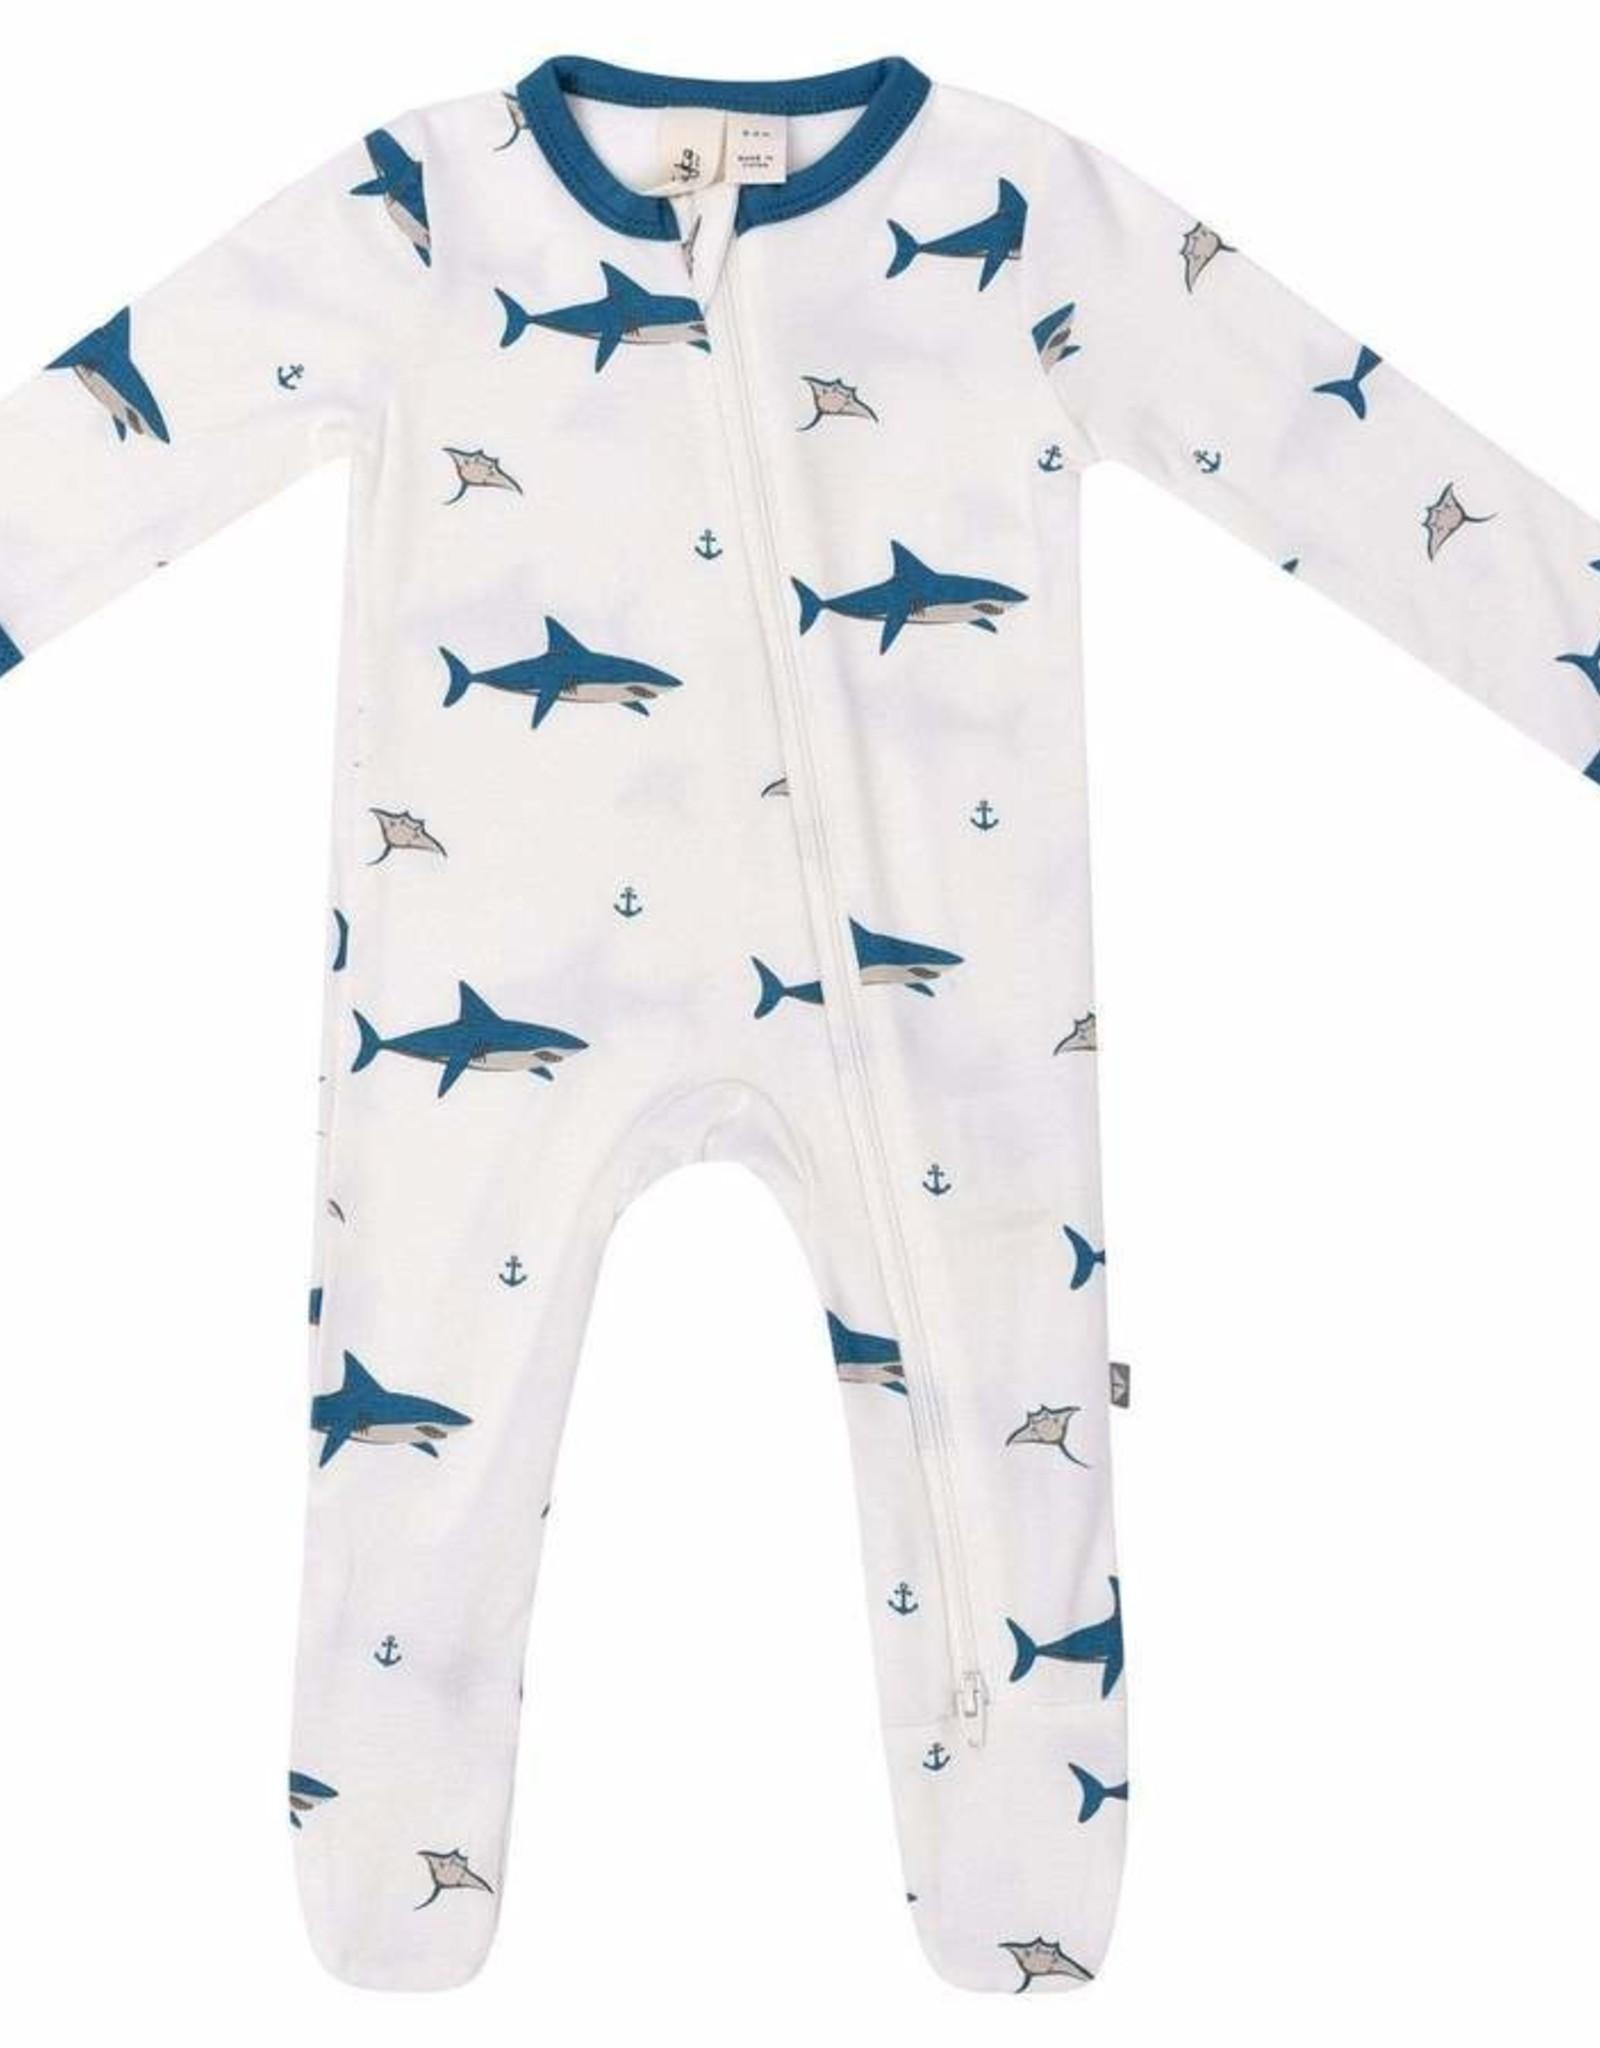 Kyte Baby Printed Bamboo Sleepsacks 0-6M, Ocean